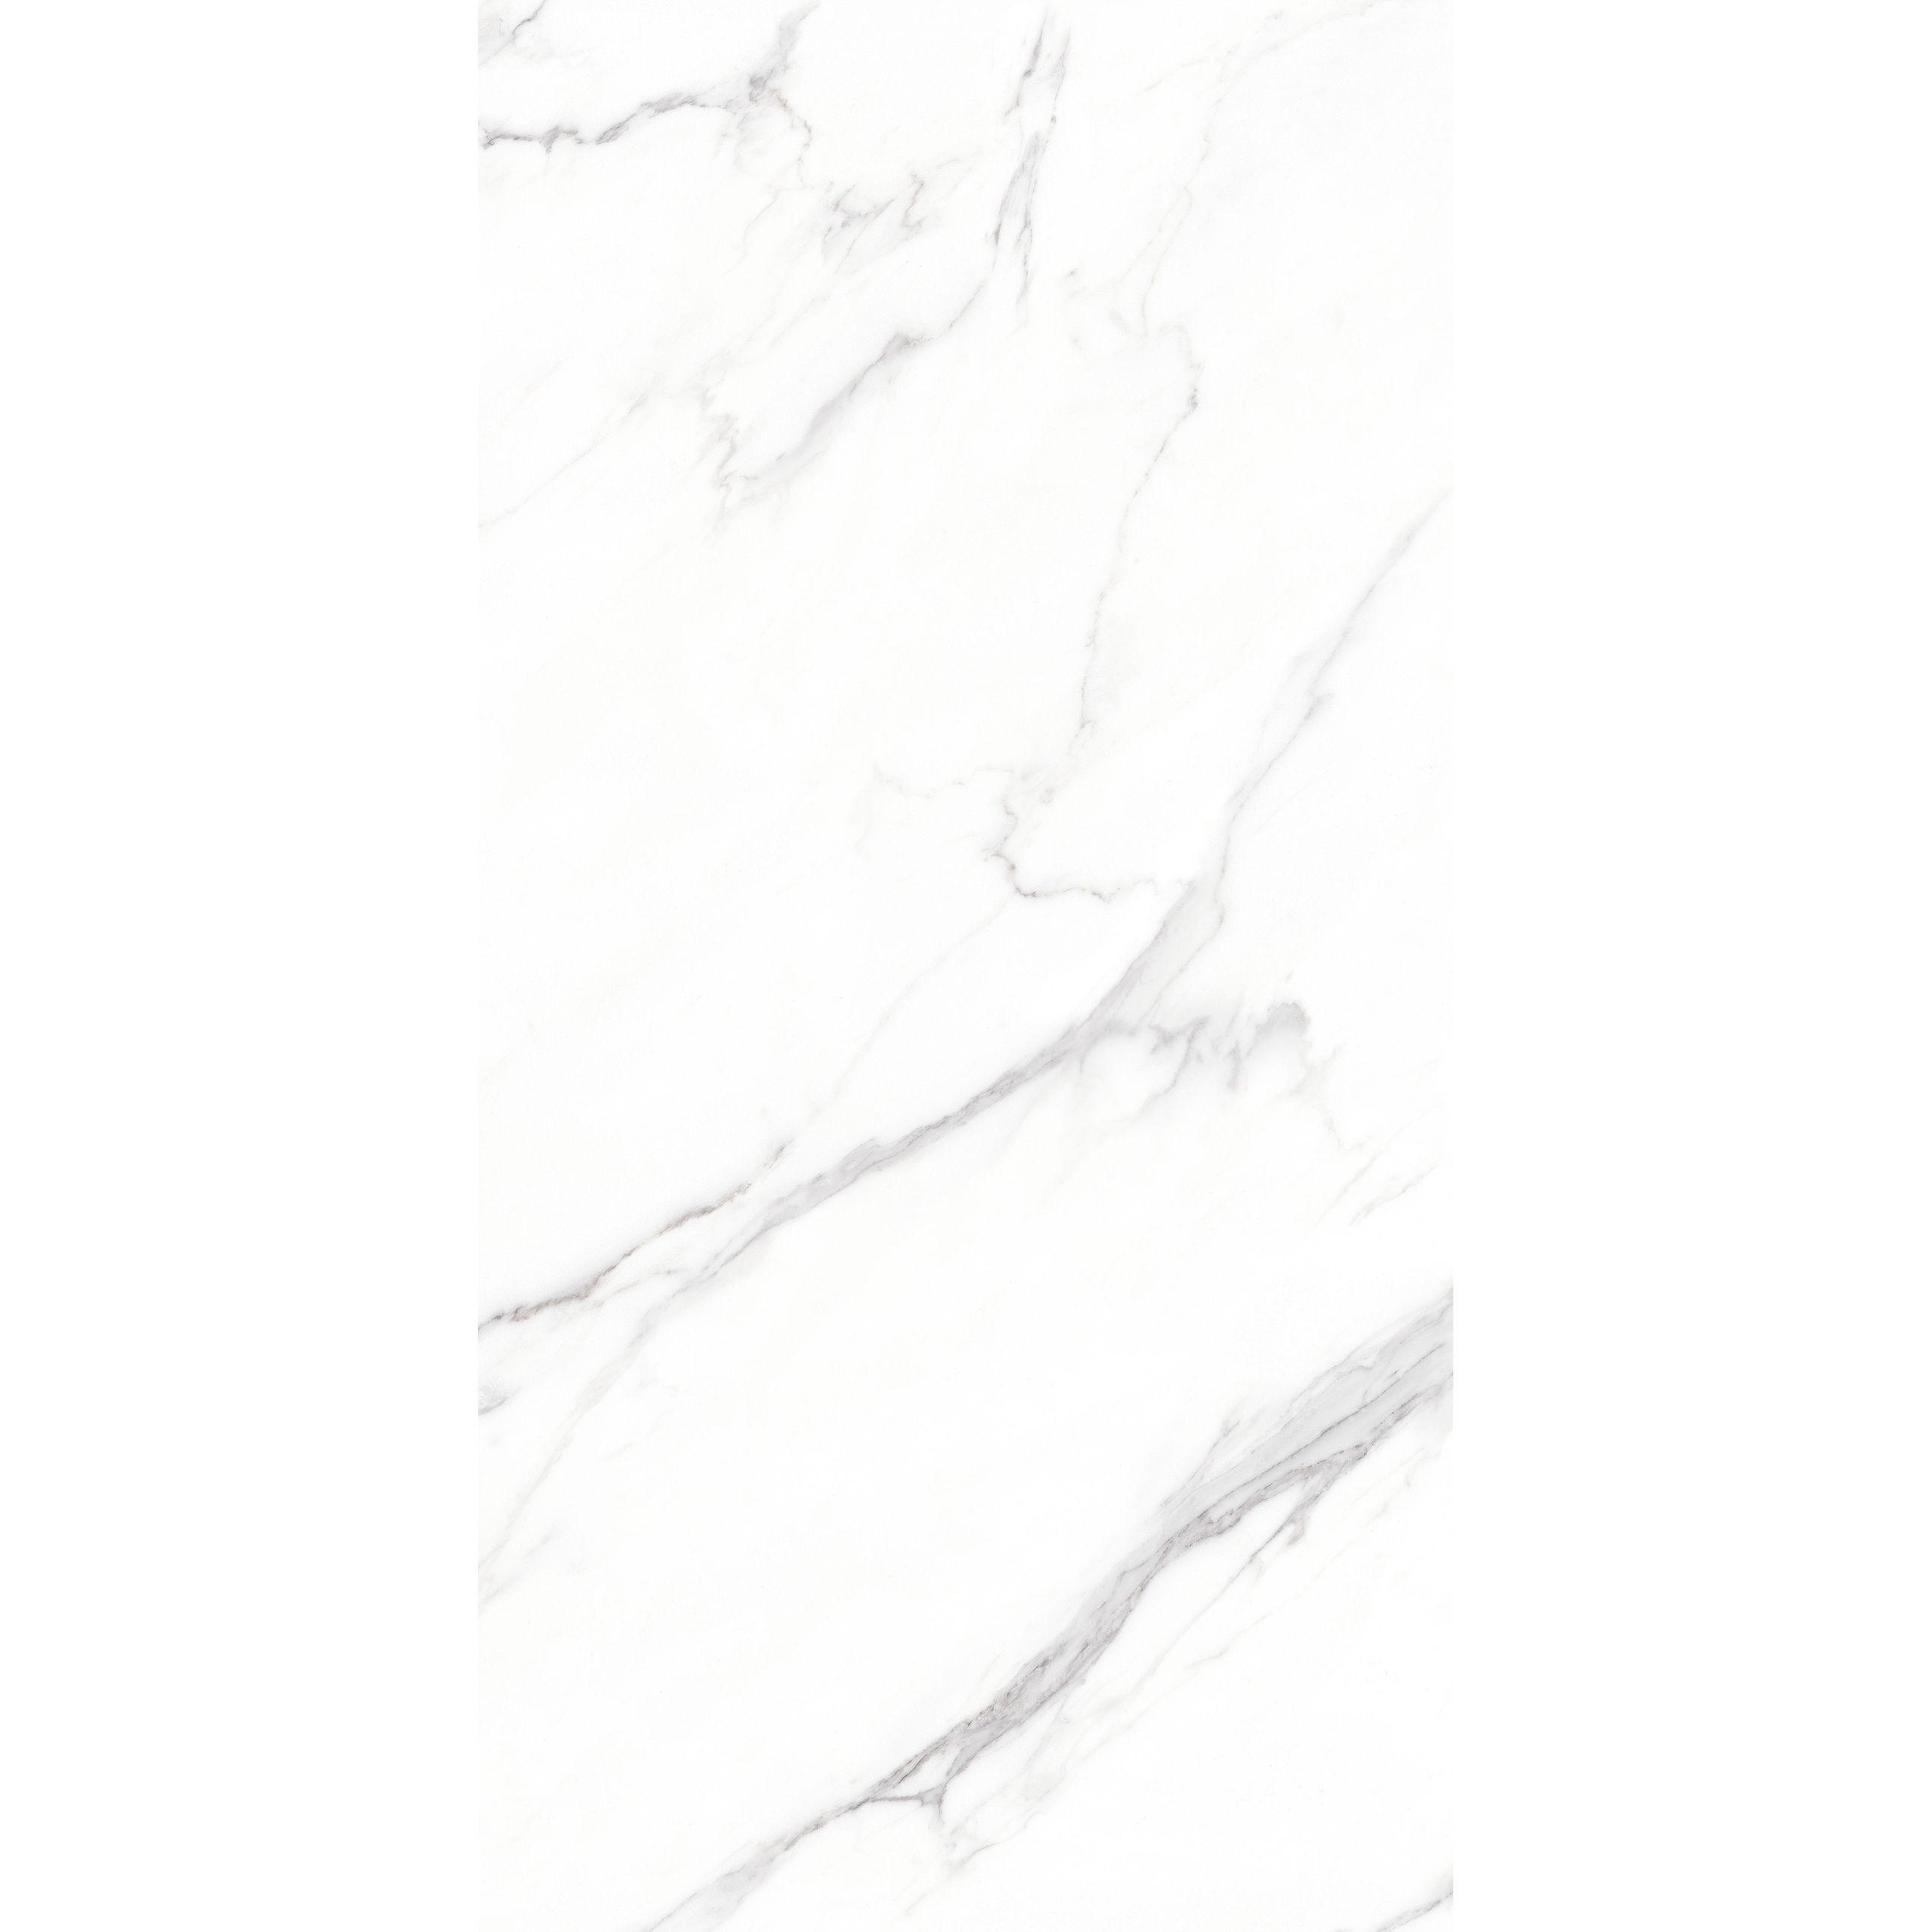 JN82A239P1